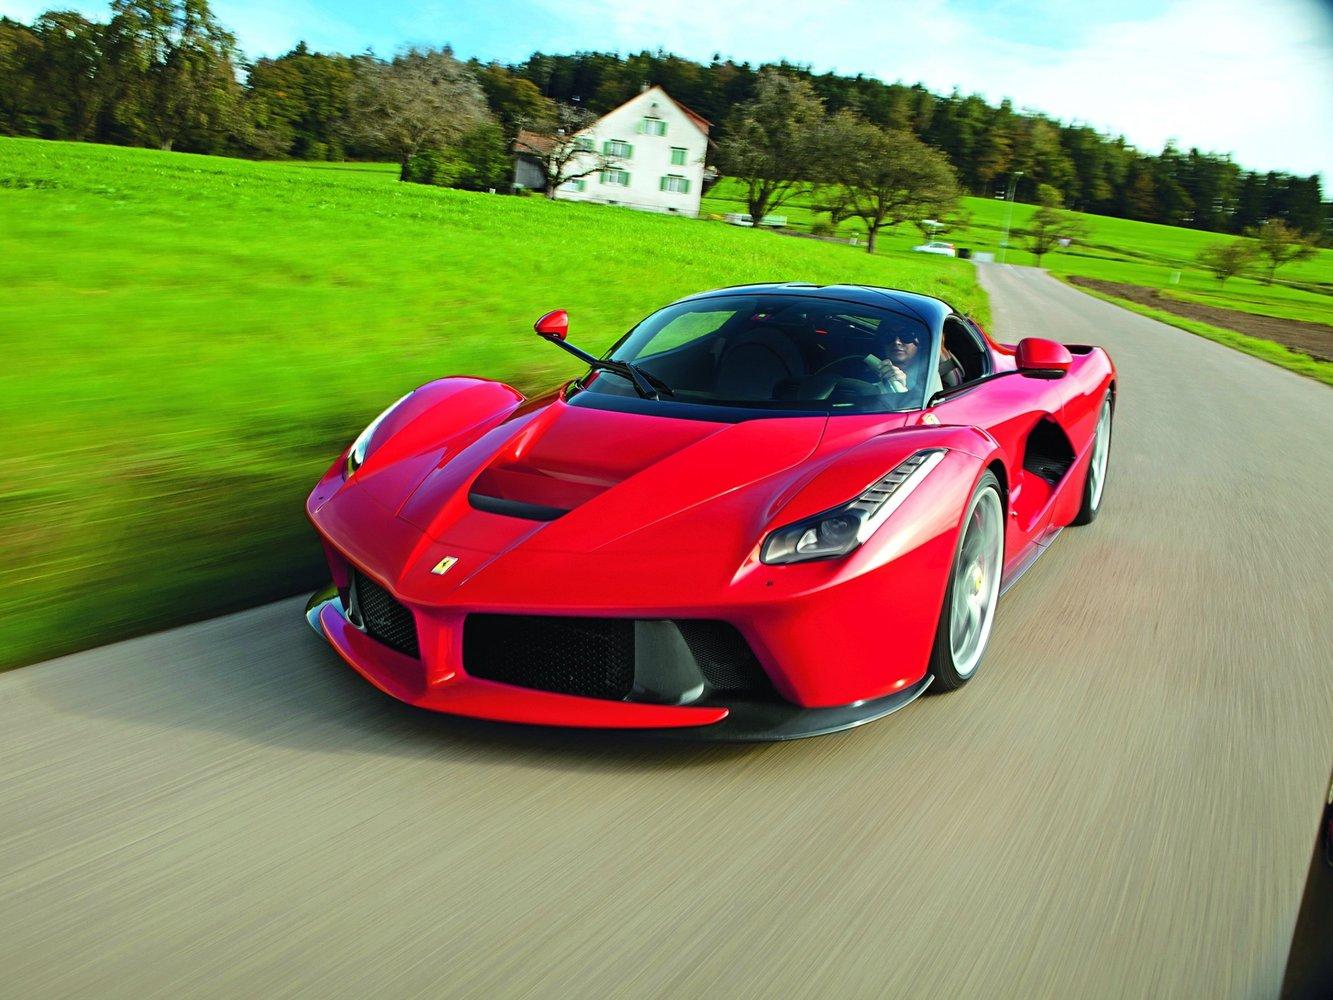 ferrari Ferrari LaFerrari